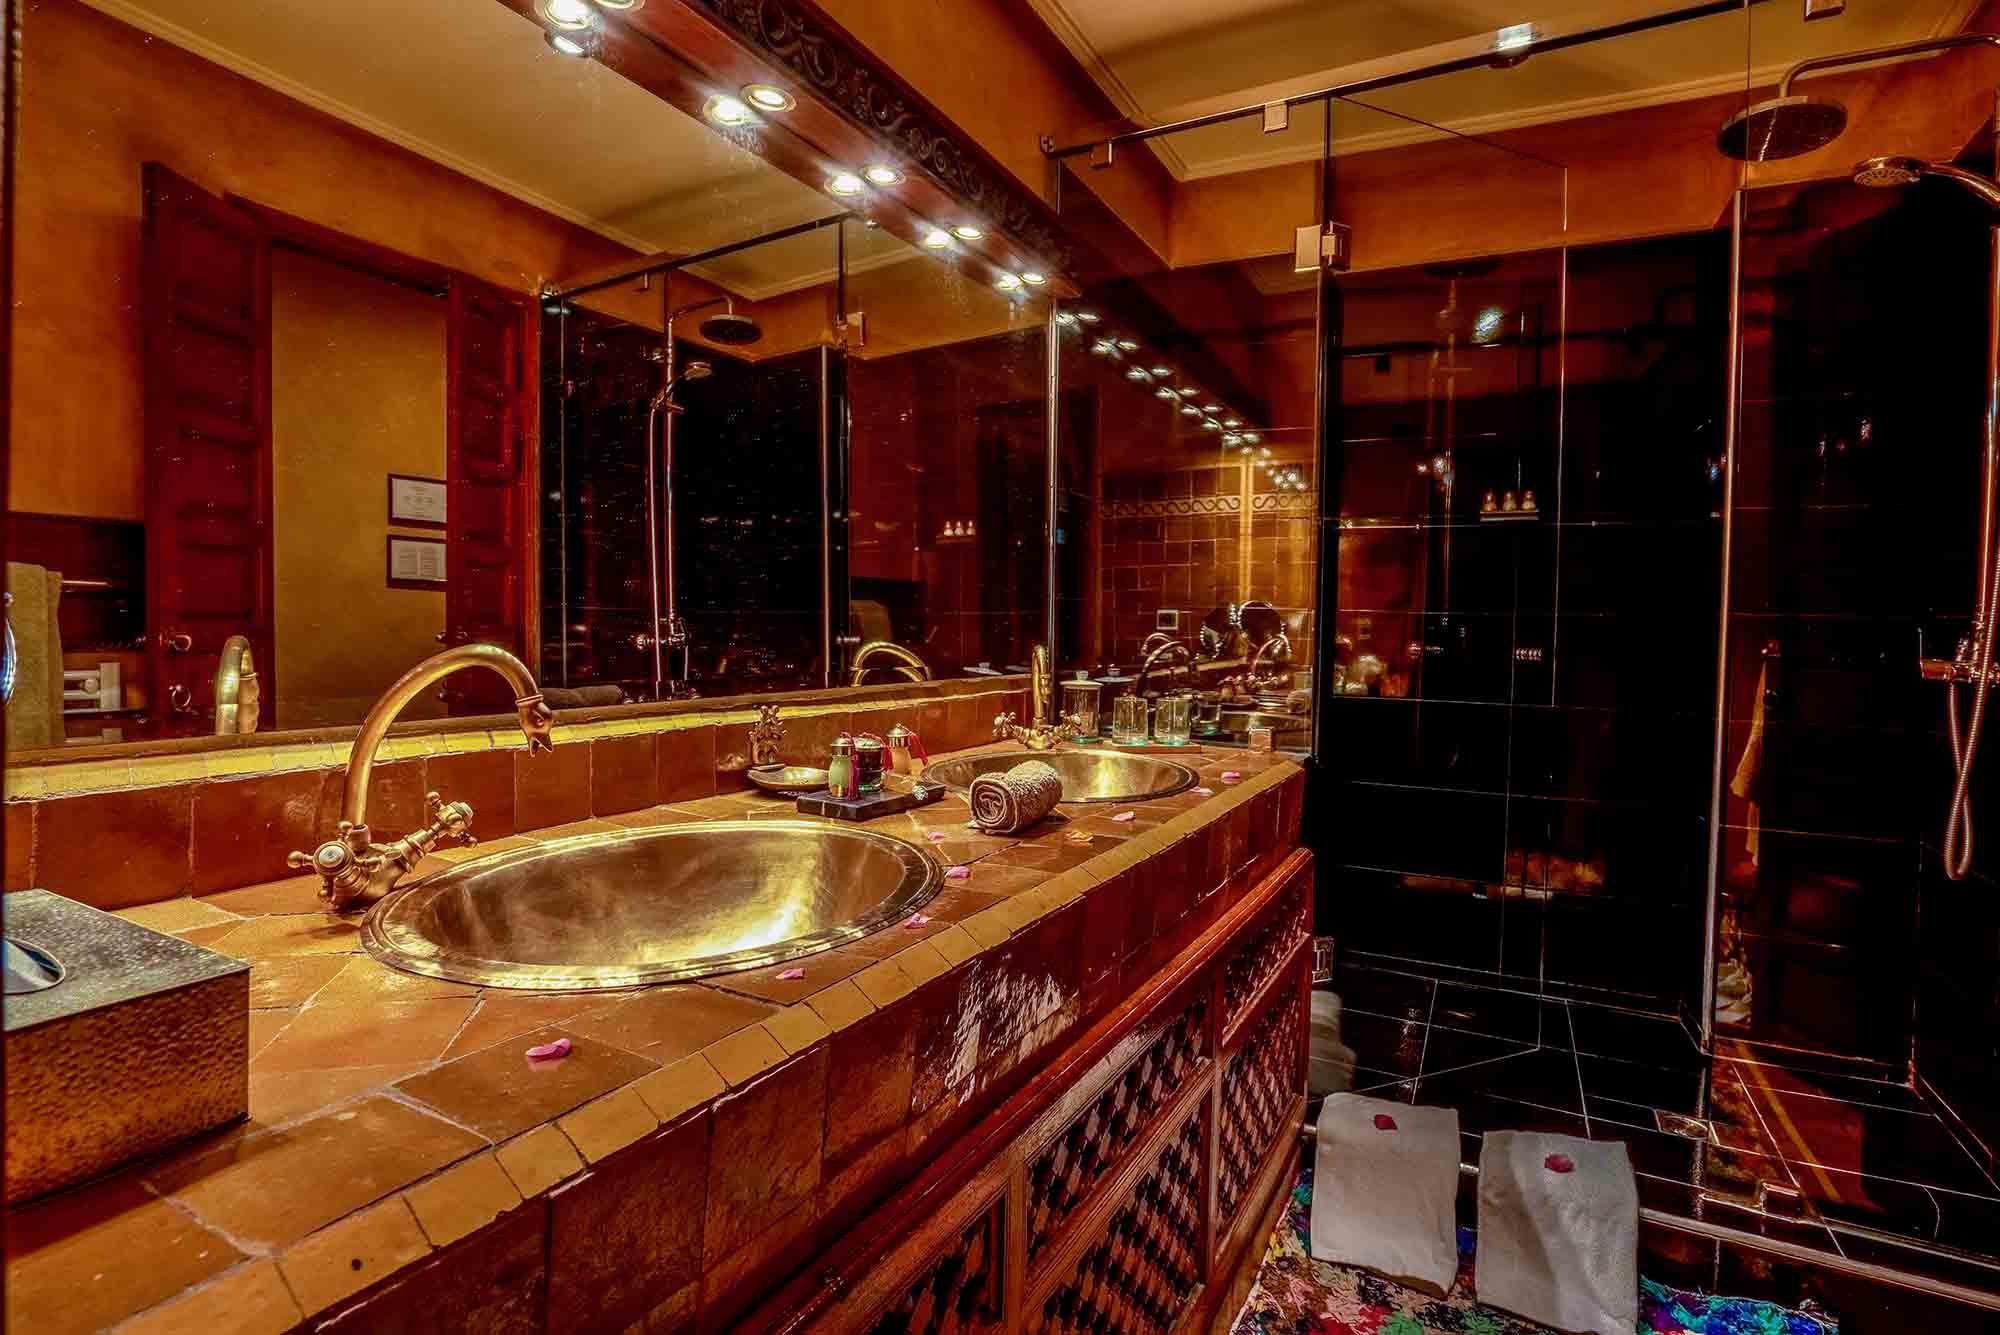 2. riad-ayadina-marrakech-chambre-adelina-salle-de-bain-en